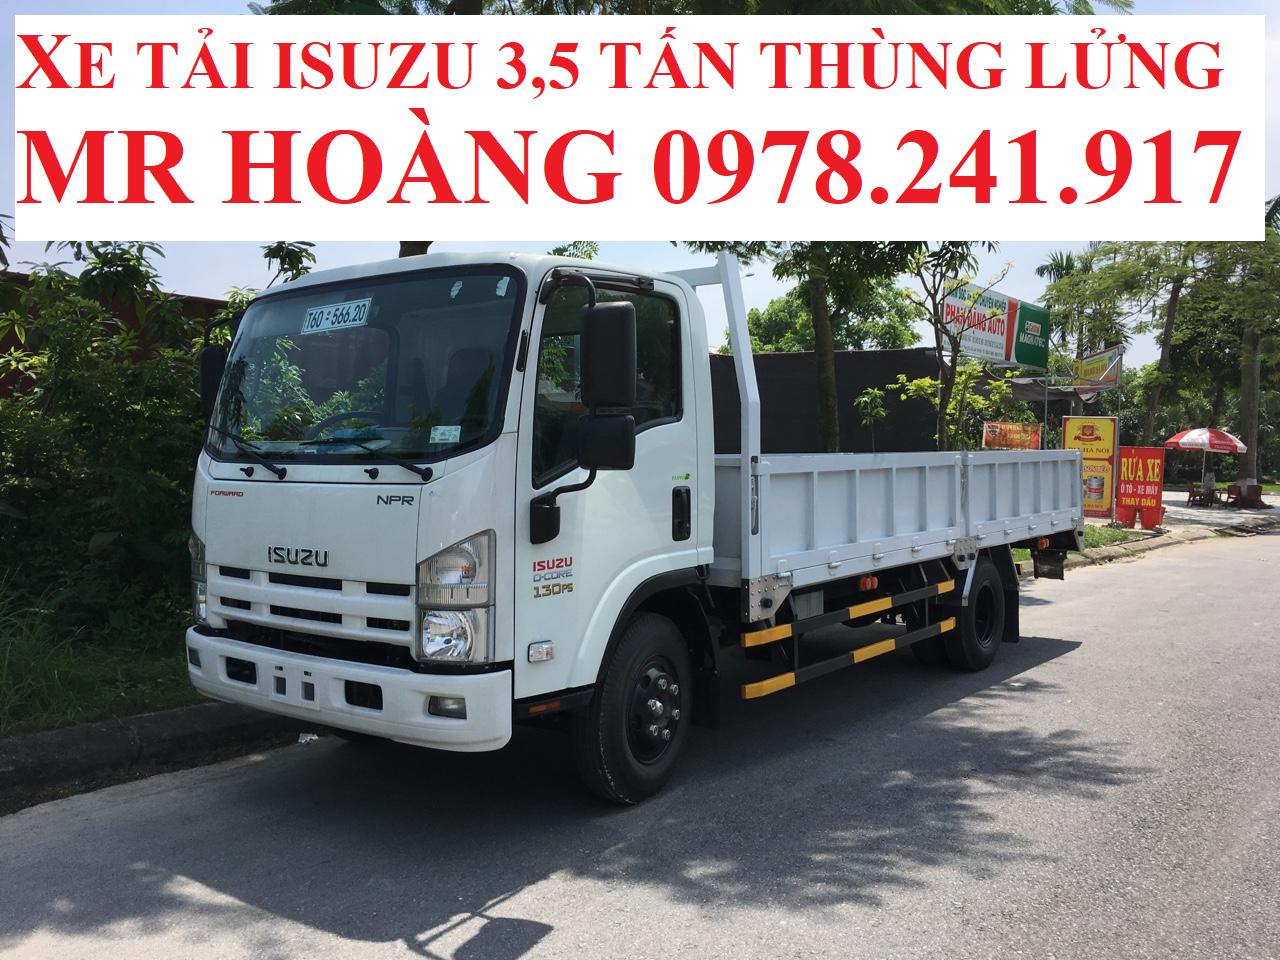 xe tải isuzu 3,5 tấn thùng lửng